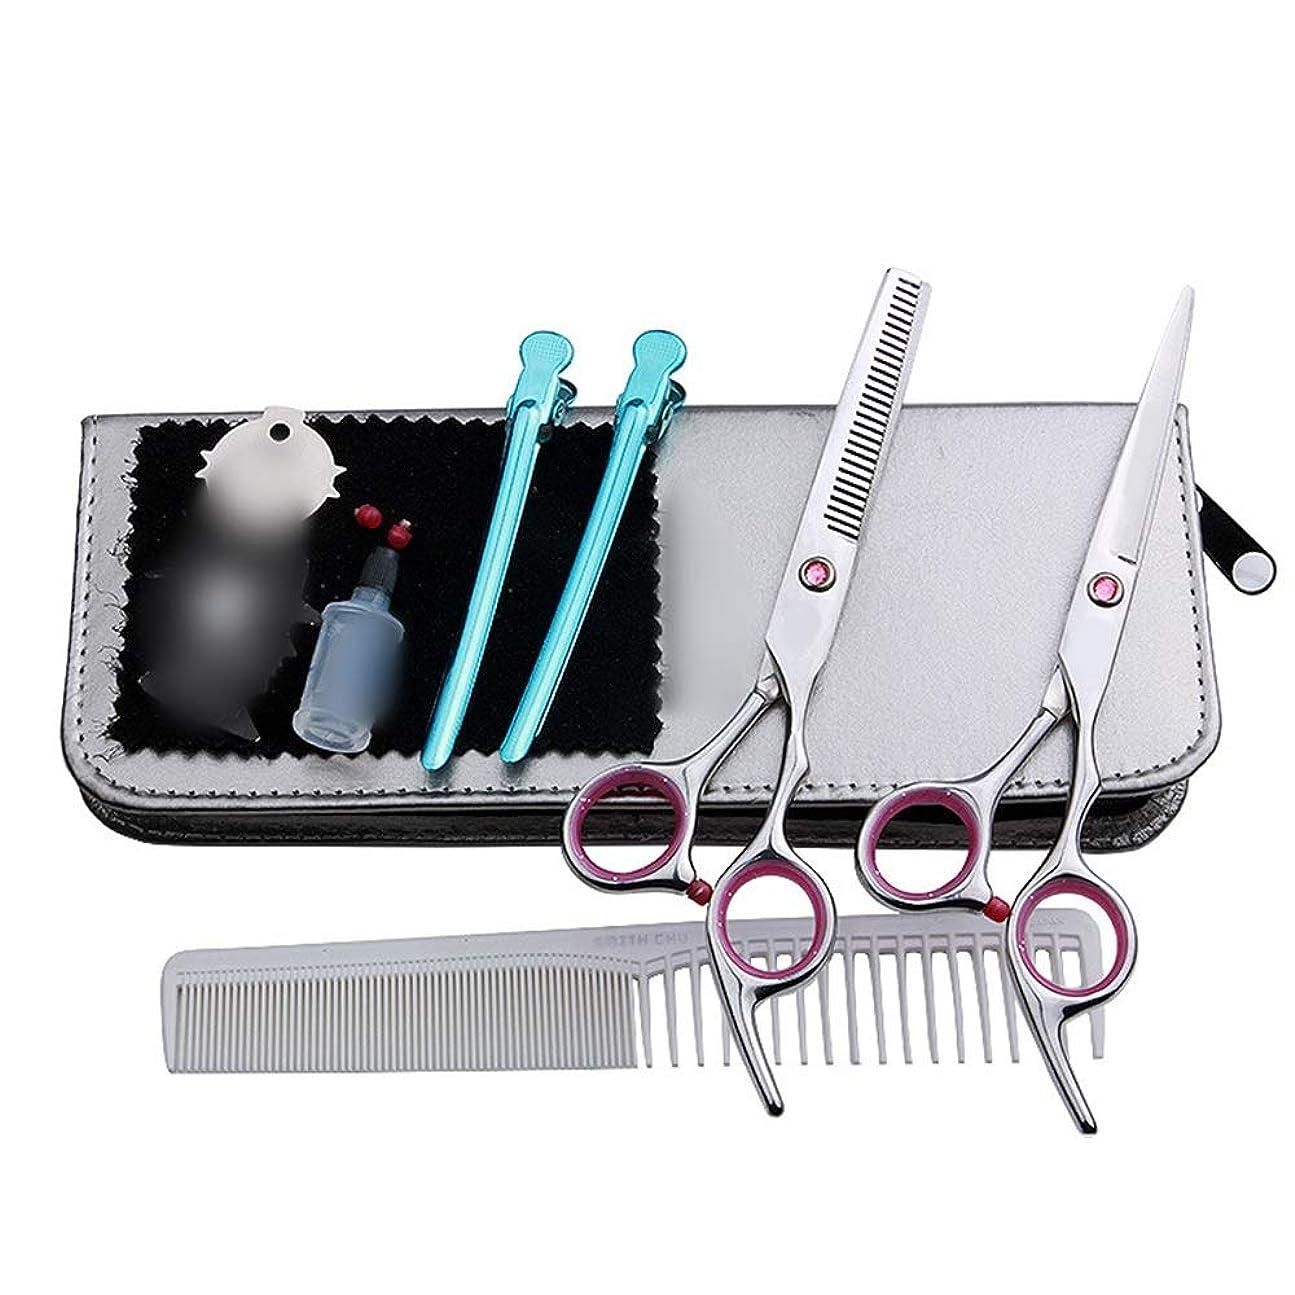 無視アナログシェフ6インチの美容院の専門のヘアカット、平らな+歯はさみのヘアカットセット モデリングツール (色 : ピンク)